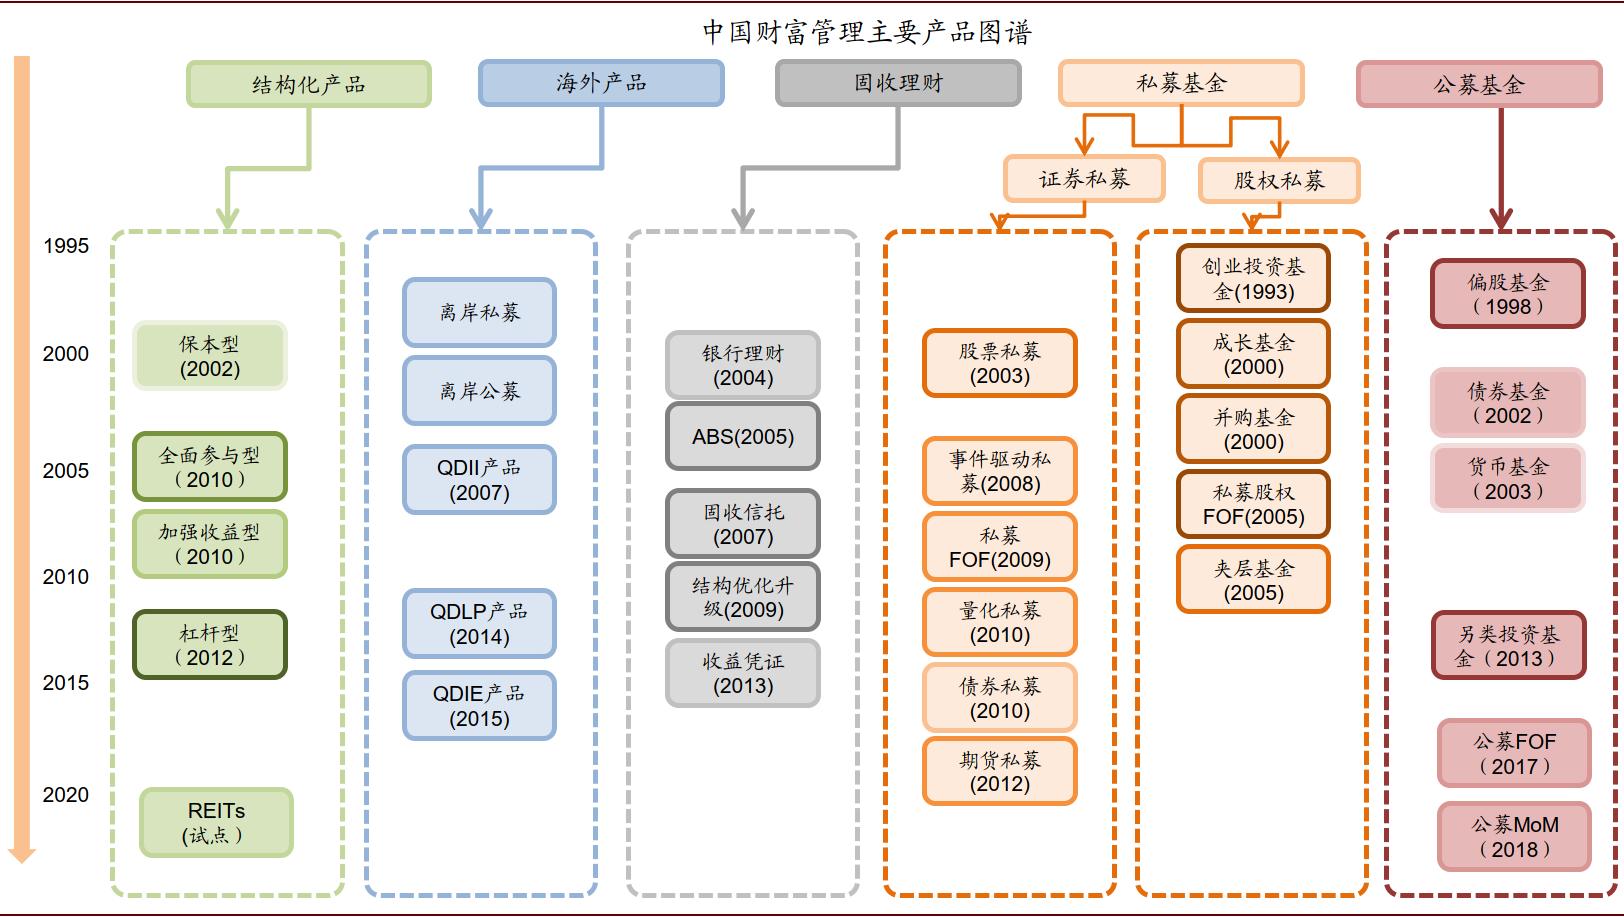 原料来源:中金公司钻研部